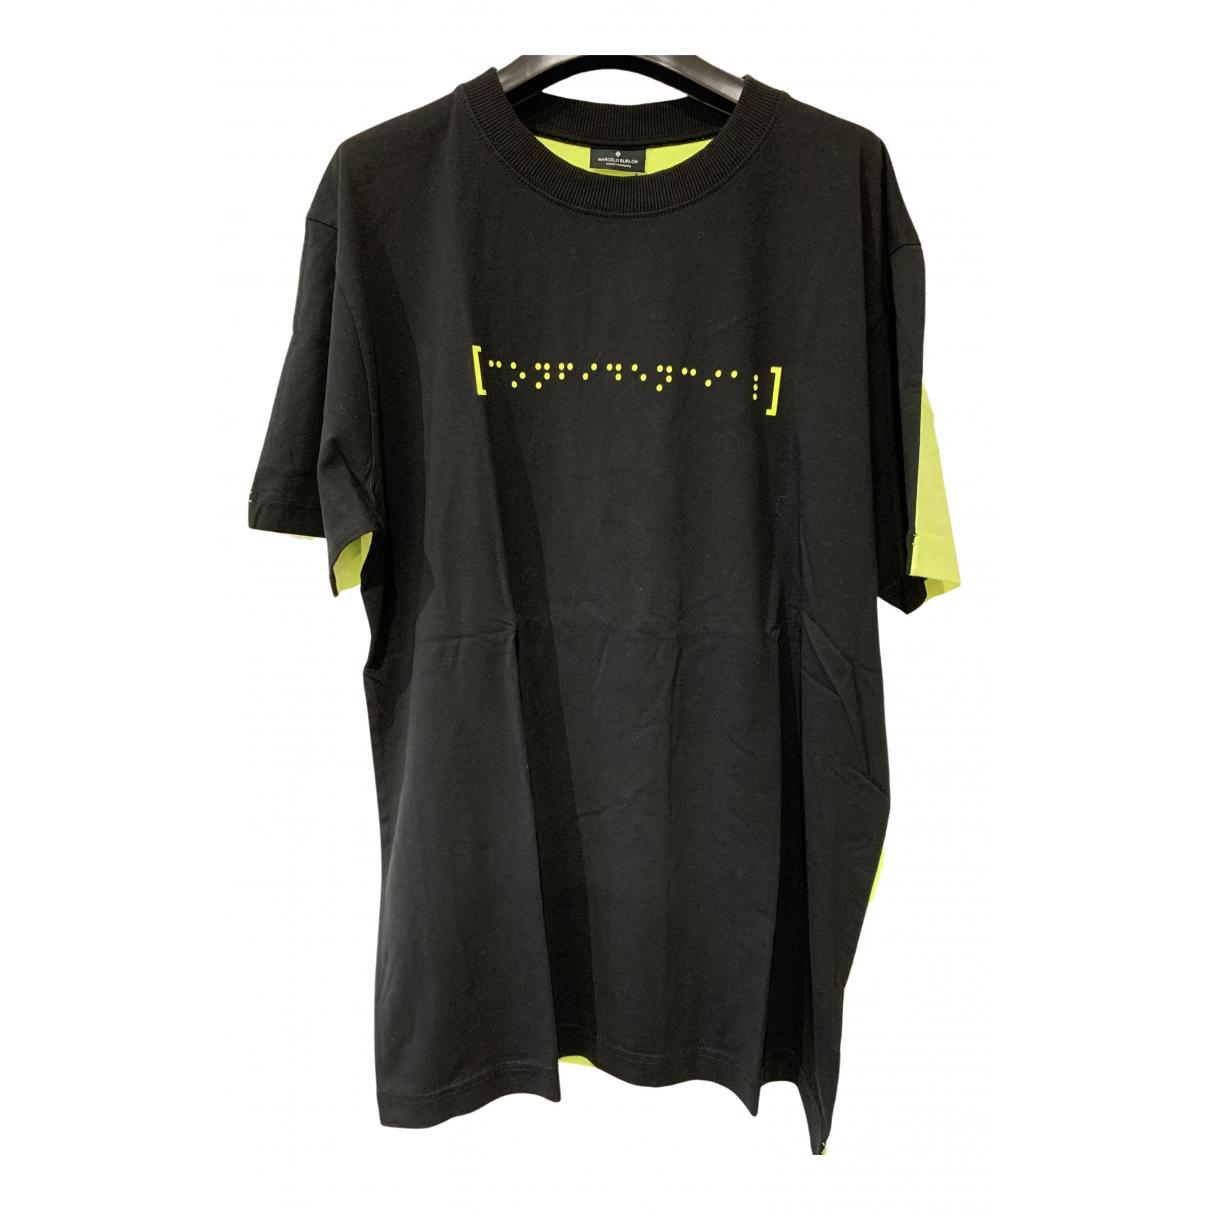 Marcelo Burlon - Tee shirts   pour homme en coton - noir